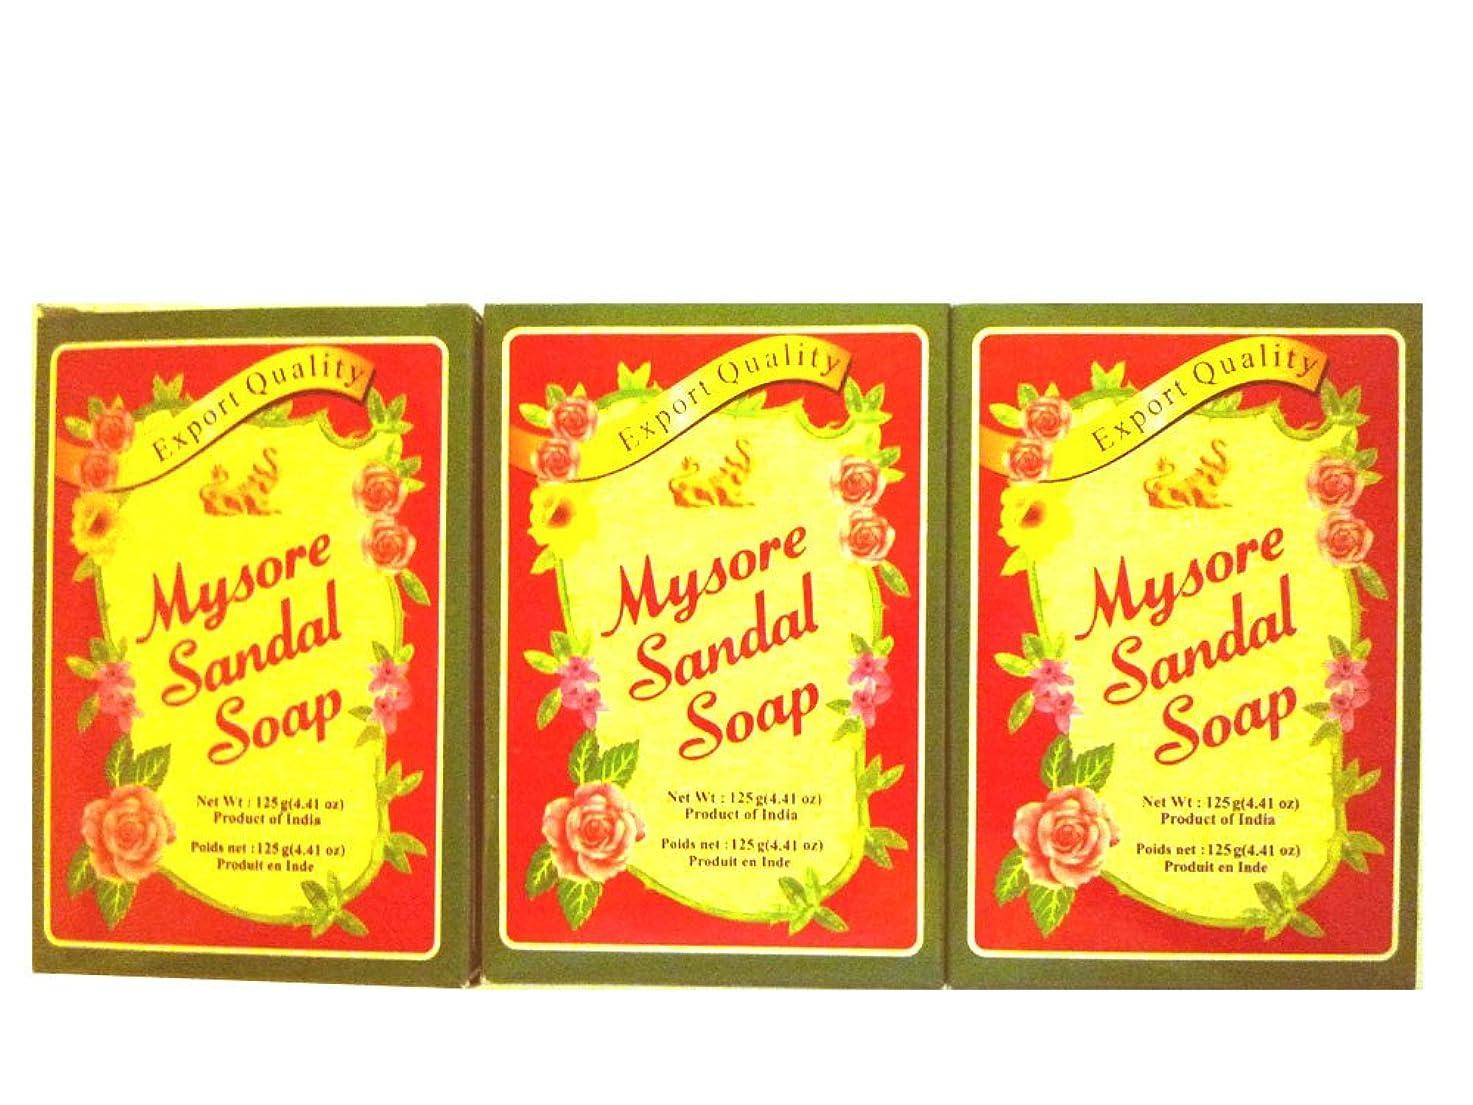 エクステント抑止するレーザ高純度白檀油配合 マイソール サンダルソープ 125g 3個セット